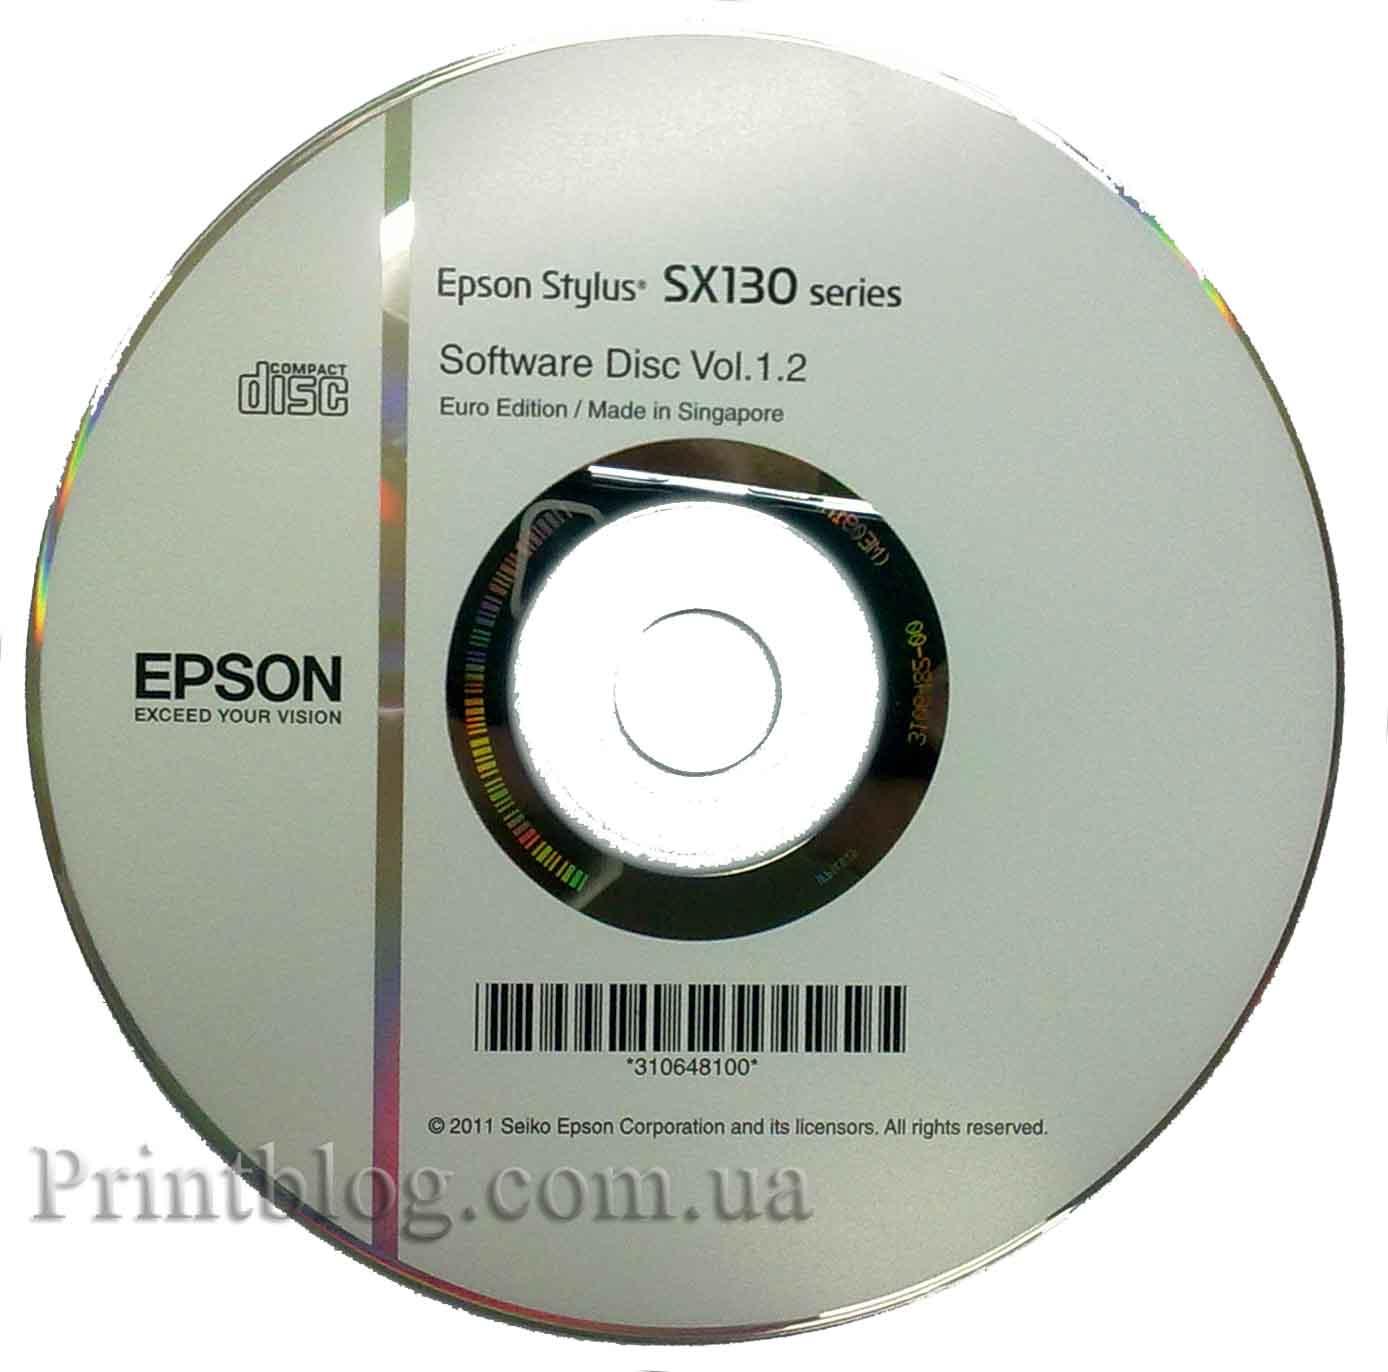 установка драйвера принтера epson в ubuntu